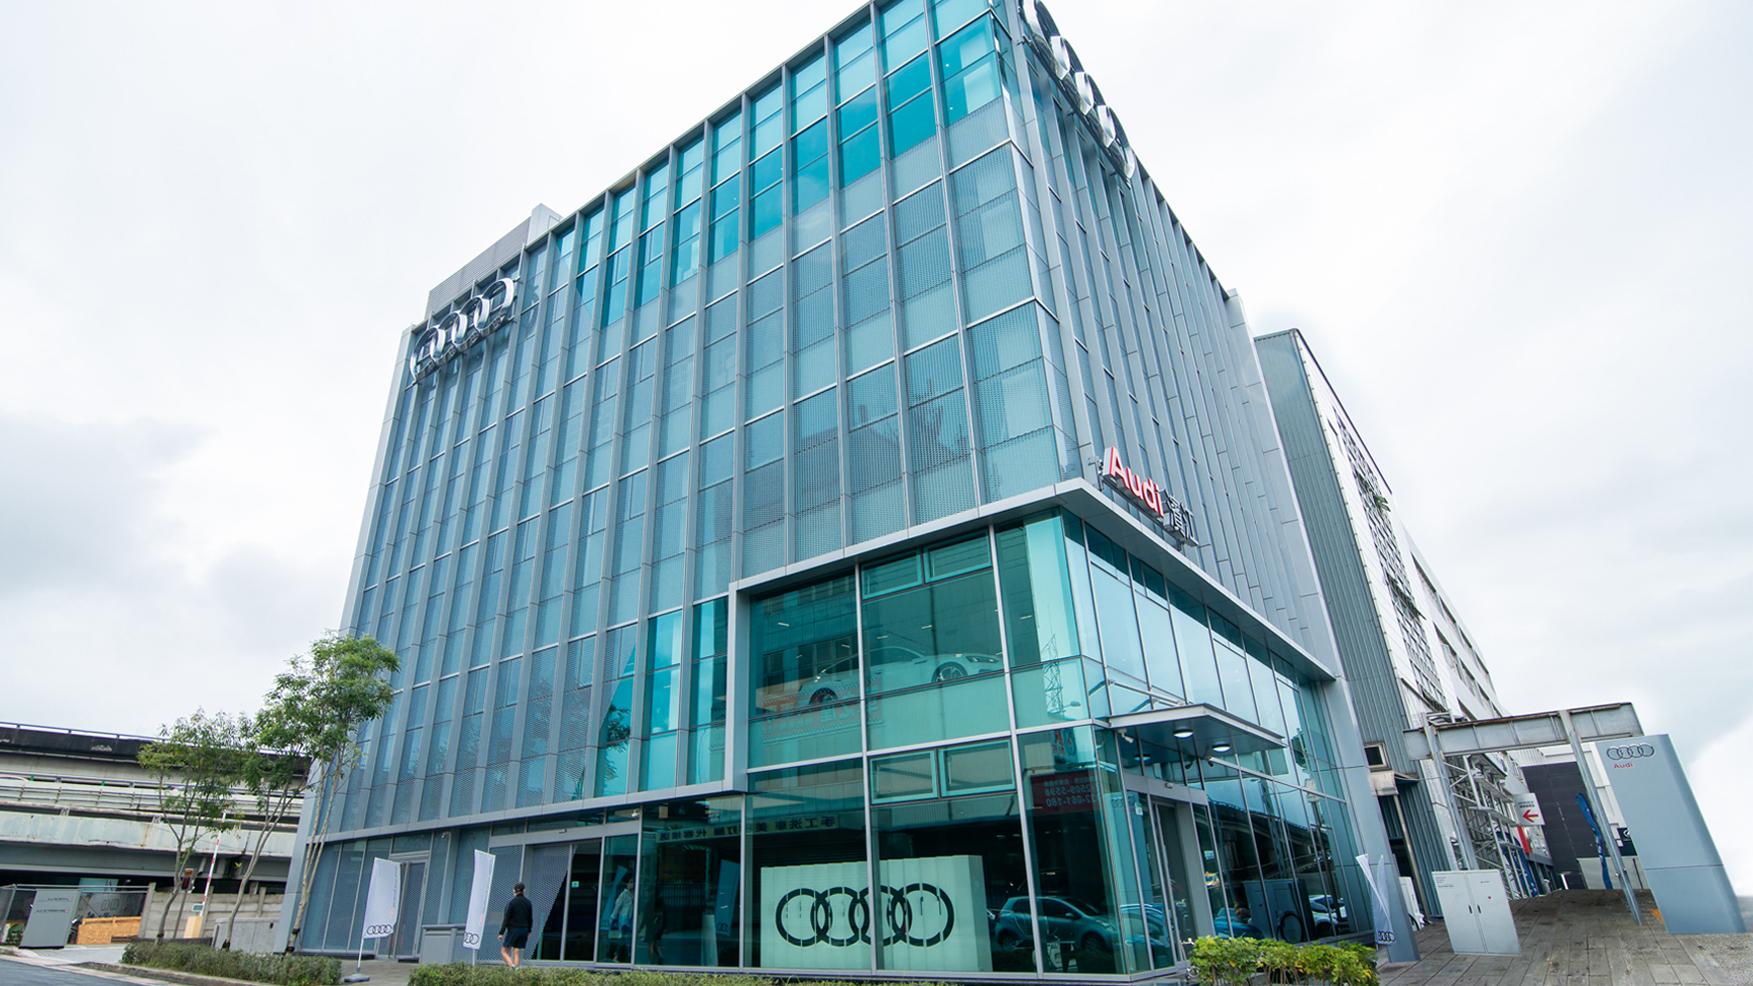 全新 Audi 濱江展示暨服務中心投入營運行列